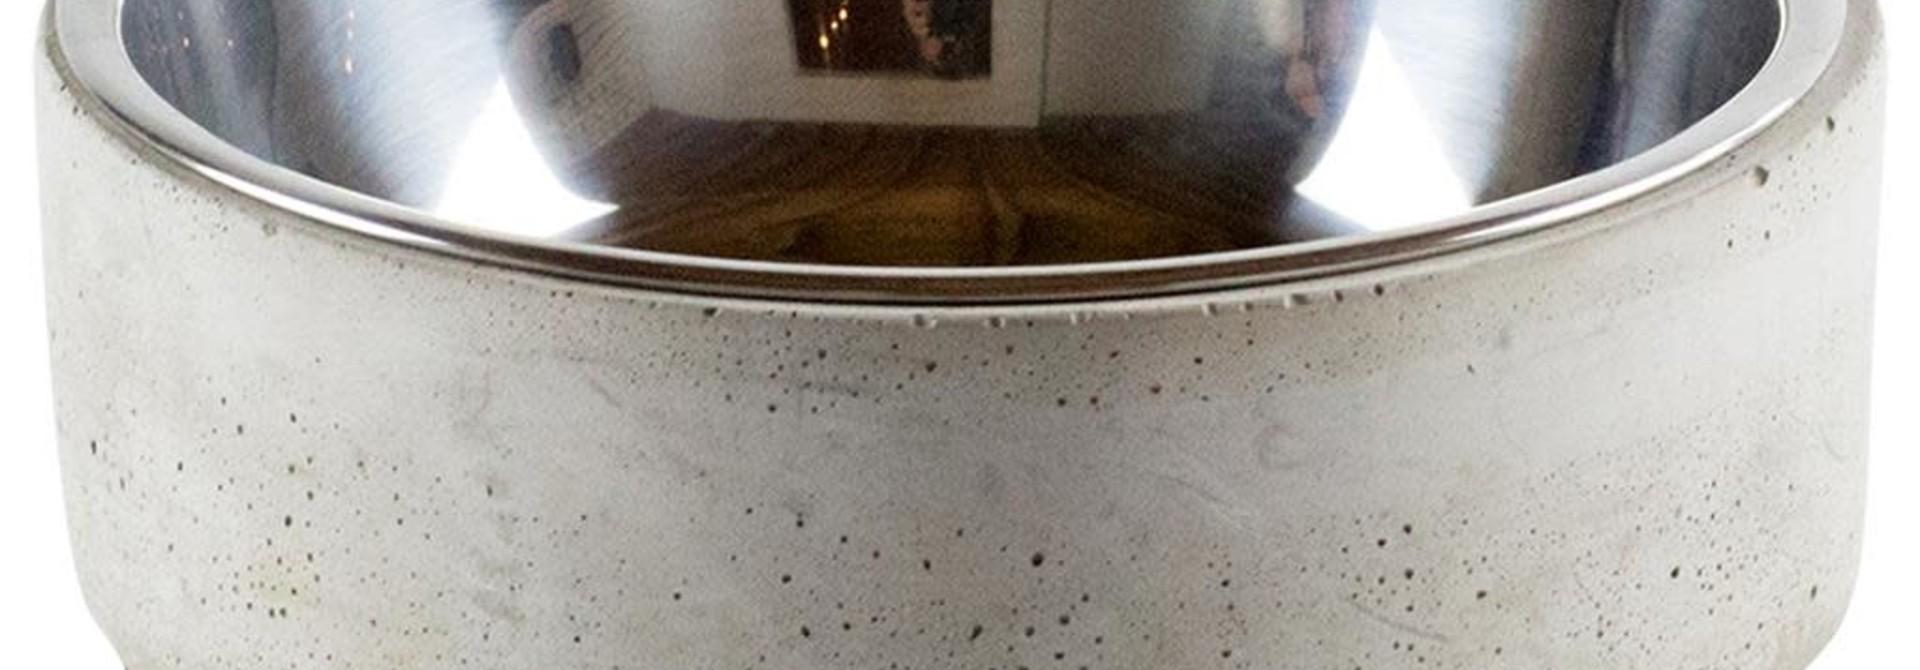 MTO-Concrete Bowl Medium